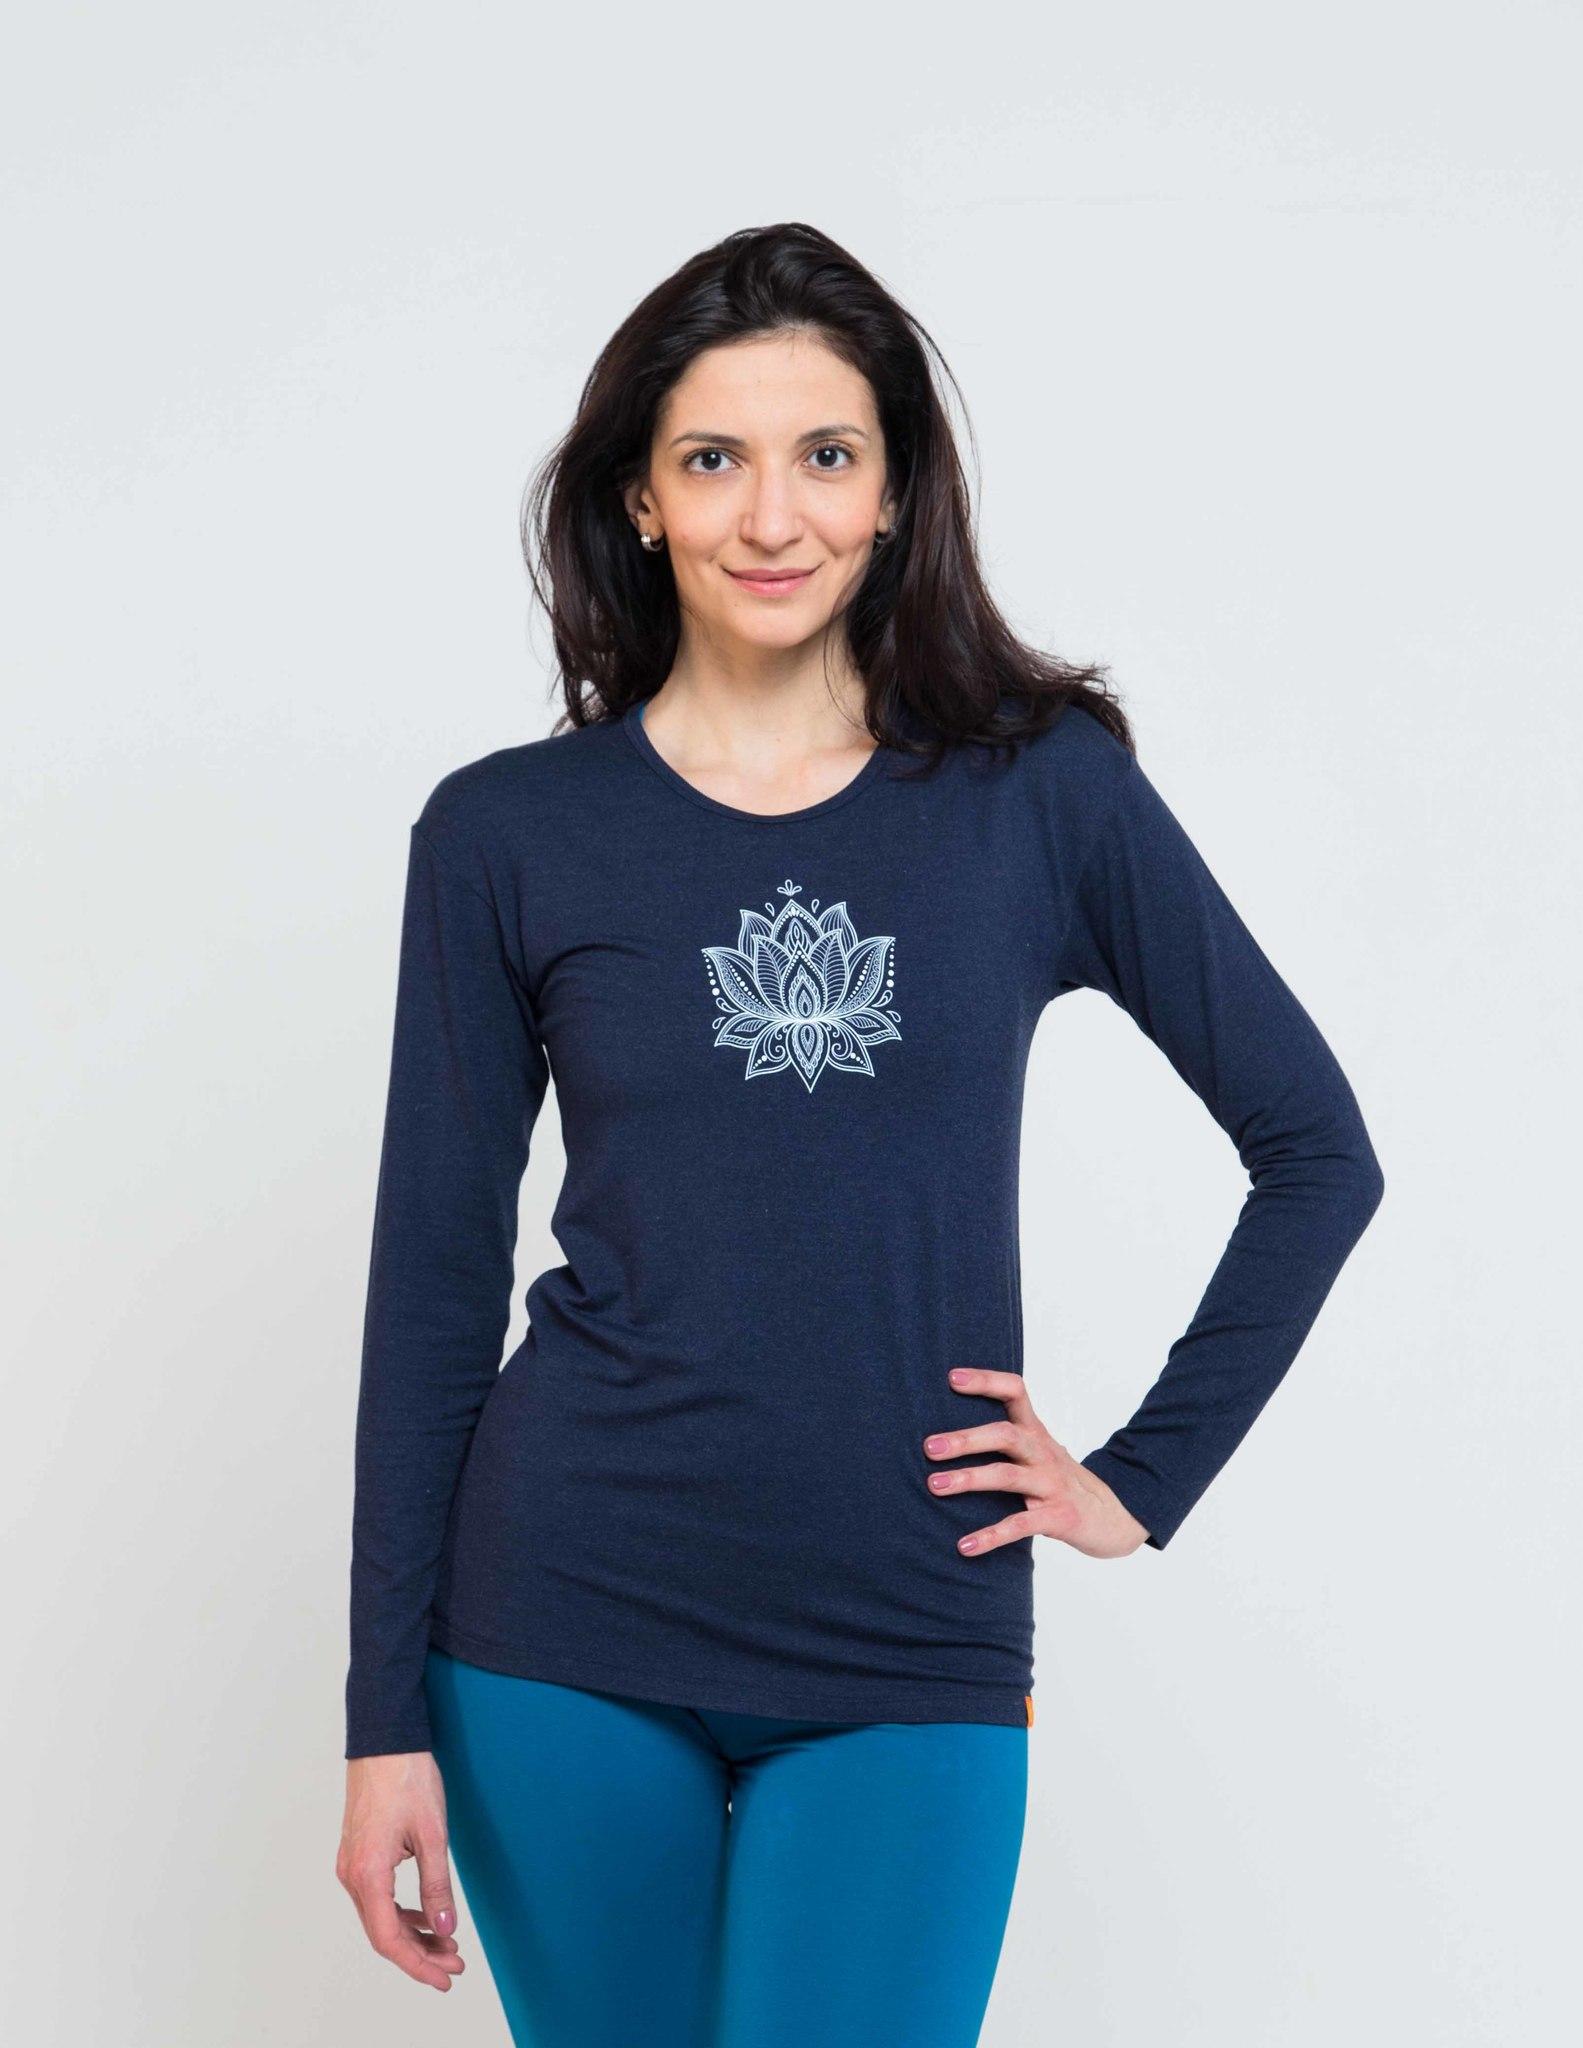 Футболка женская Лотос с длинным рукавом YogaDress (0.2 кг, S (44), синий) ошейники и поводки для собак foam cotton pet collars 3 xs s m l xl xs s m l xl